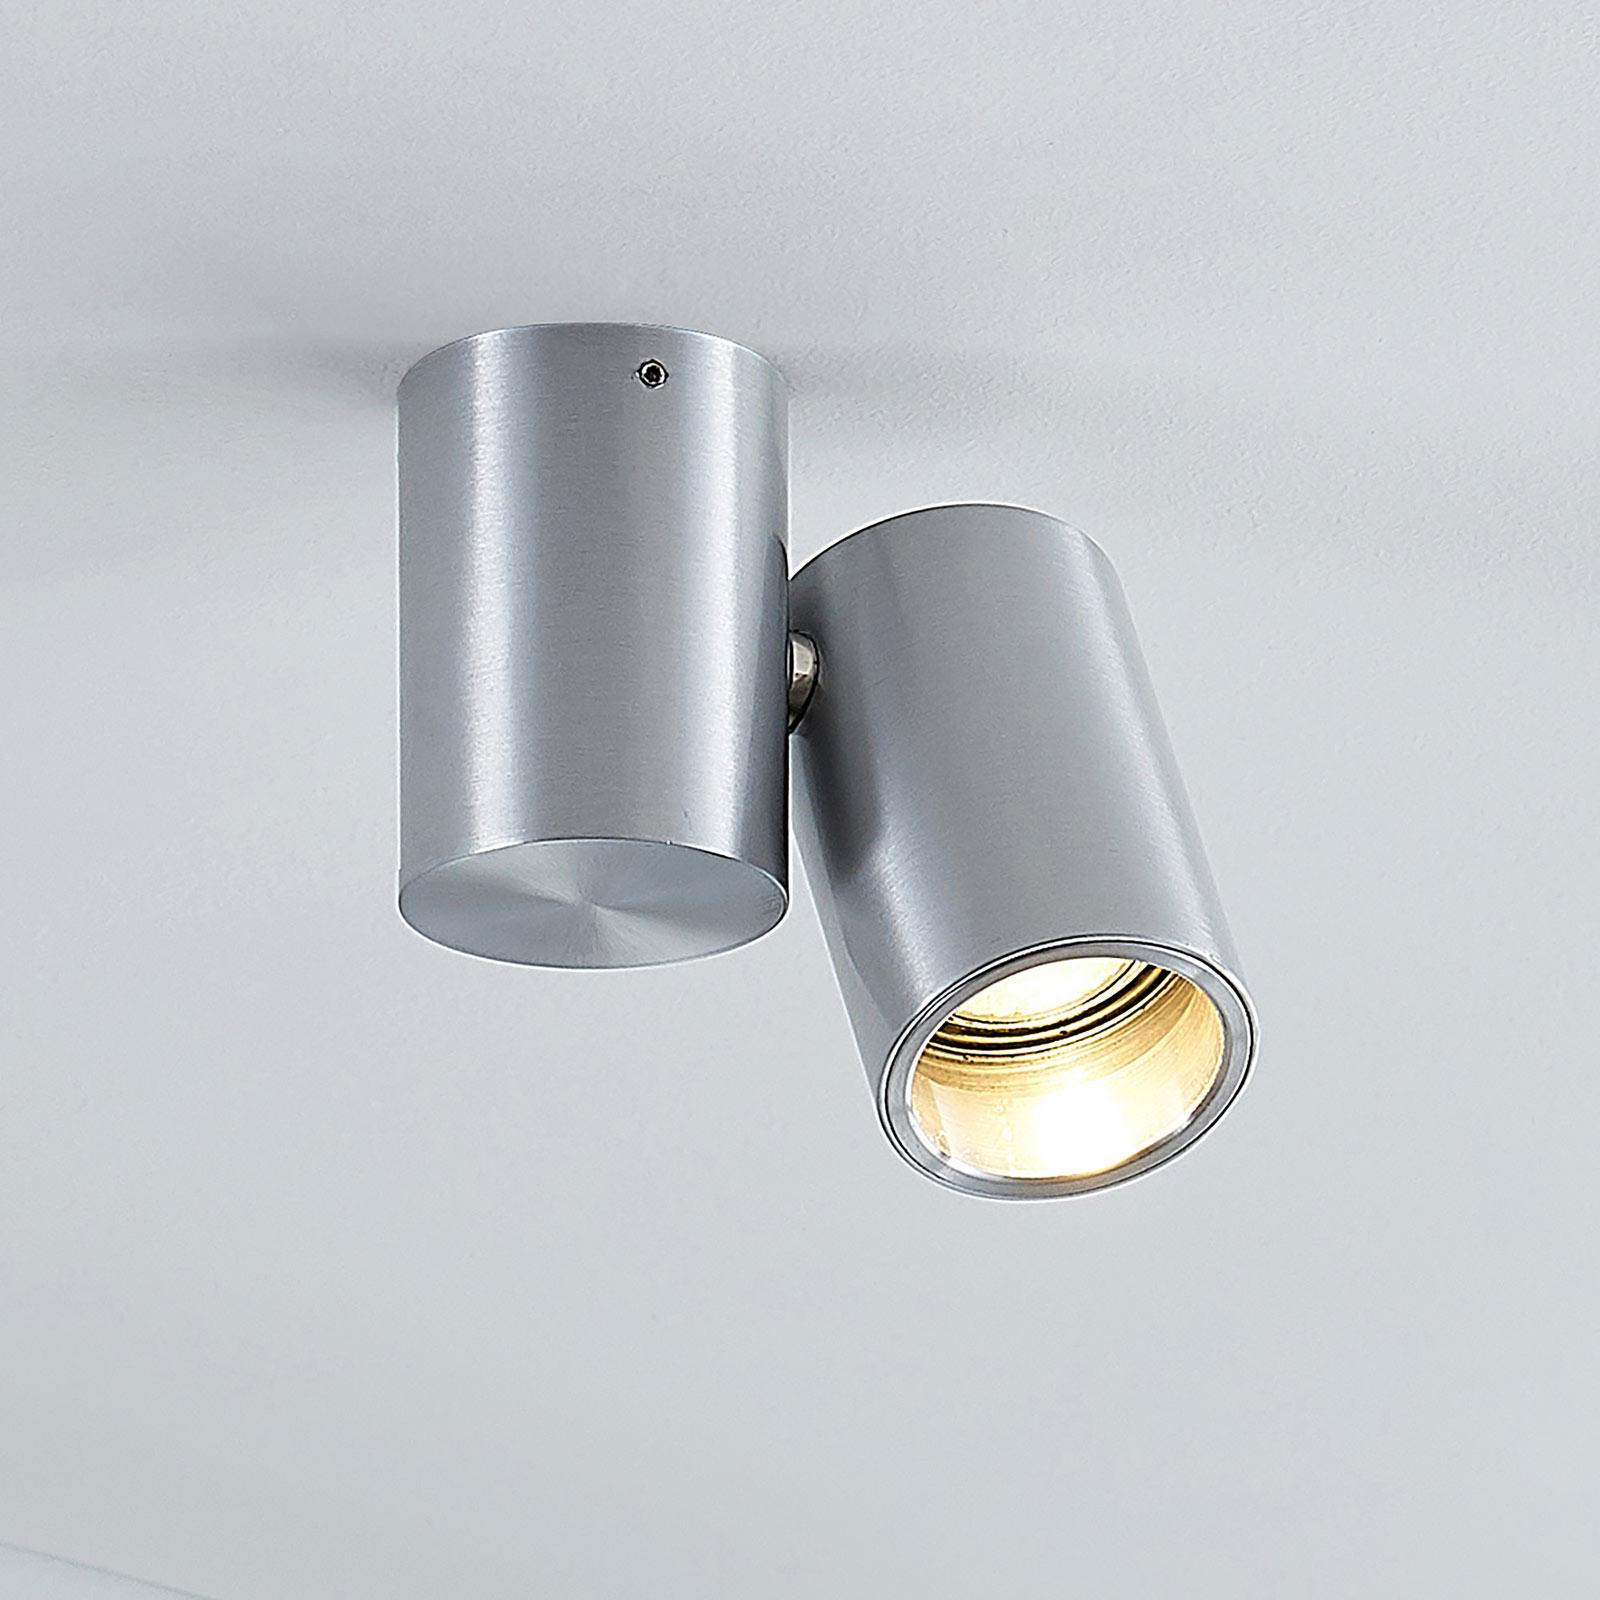 Plafondlamp Gesina, één lampje, alu